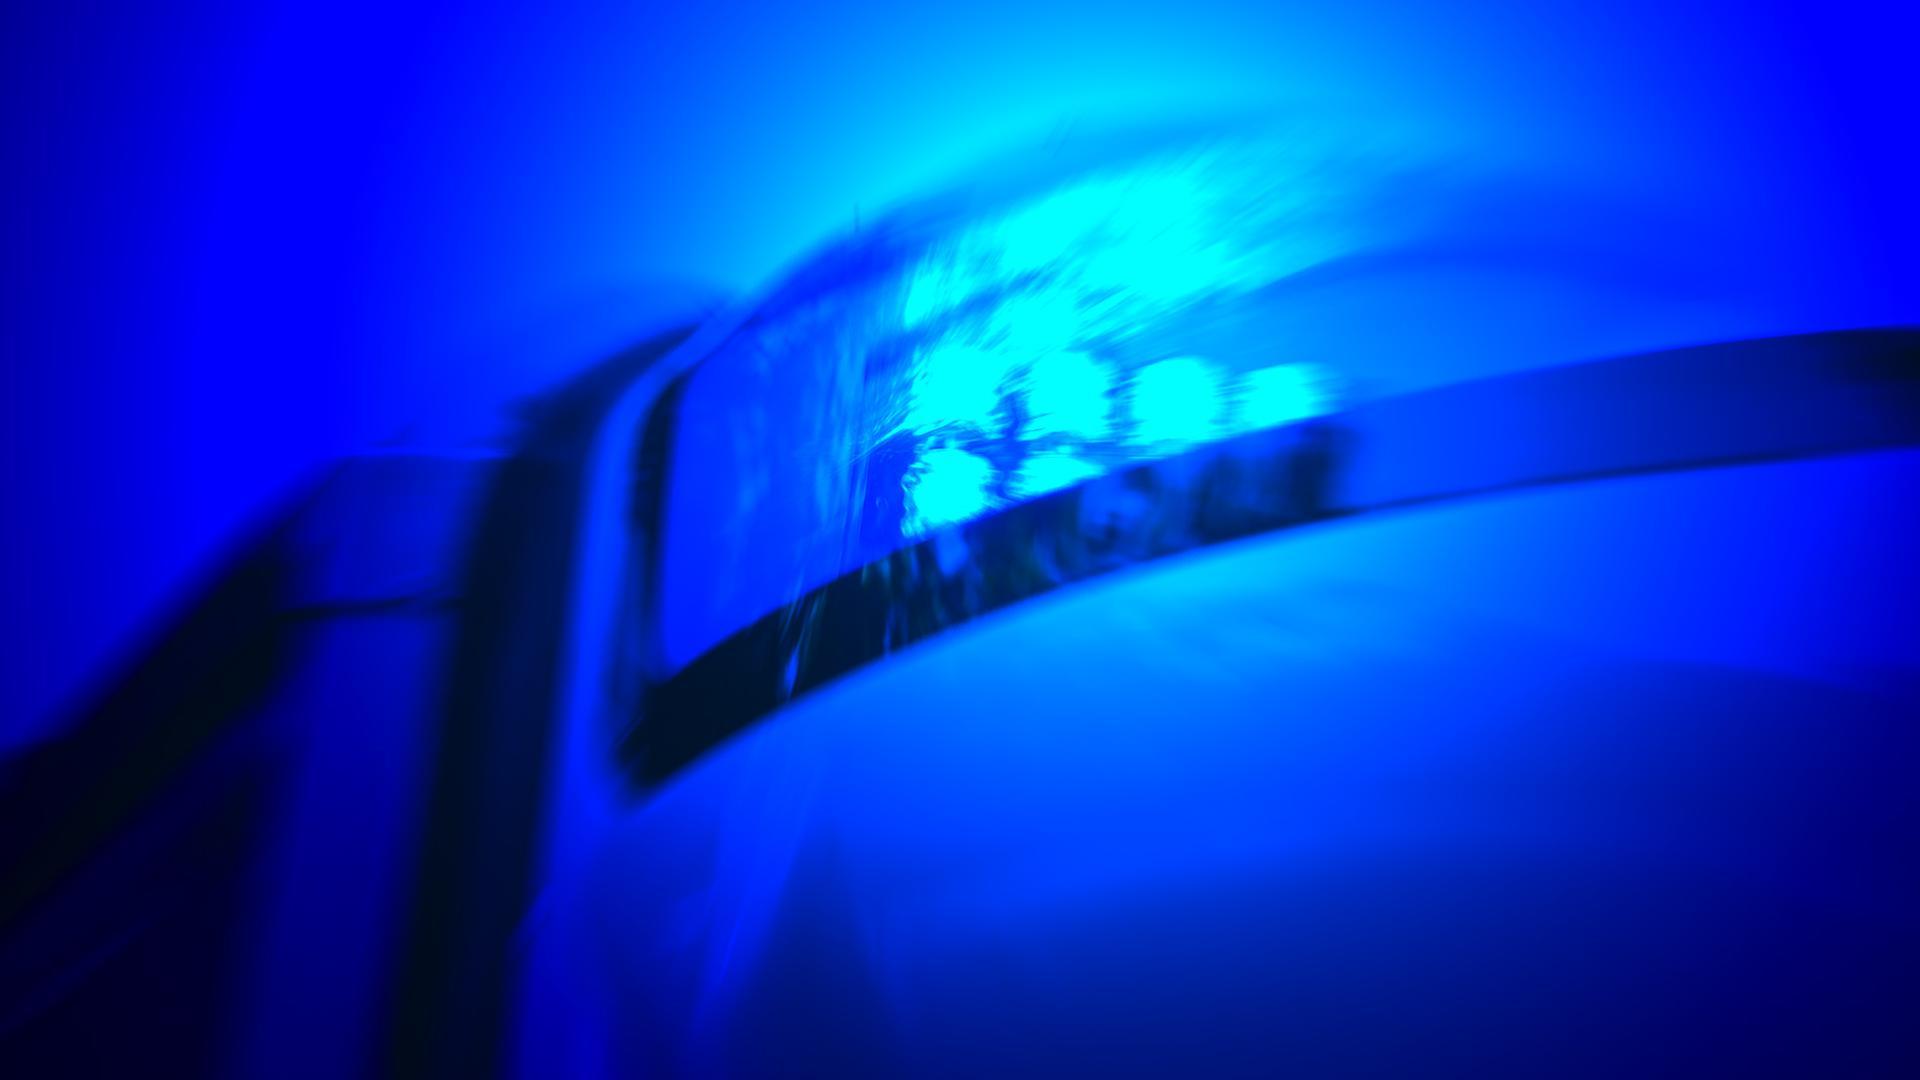 Ein Blaulicht eines Einsatzfahrzeugs der Polizei.